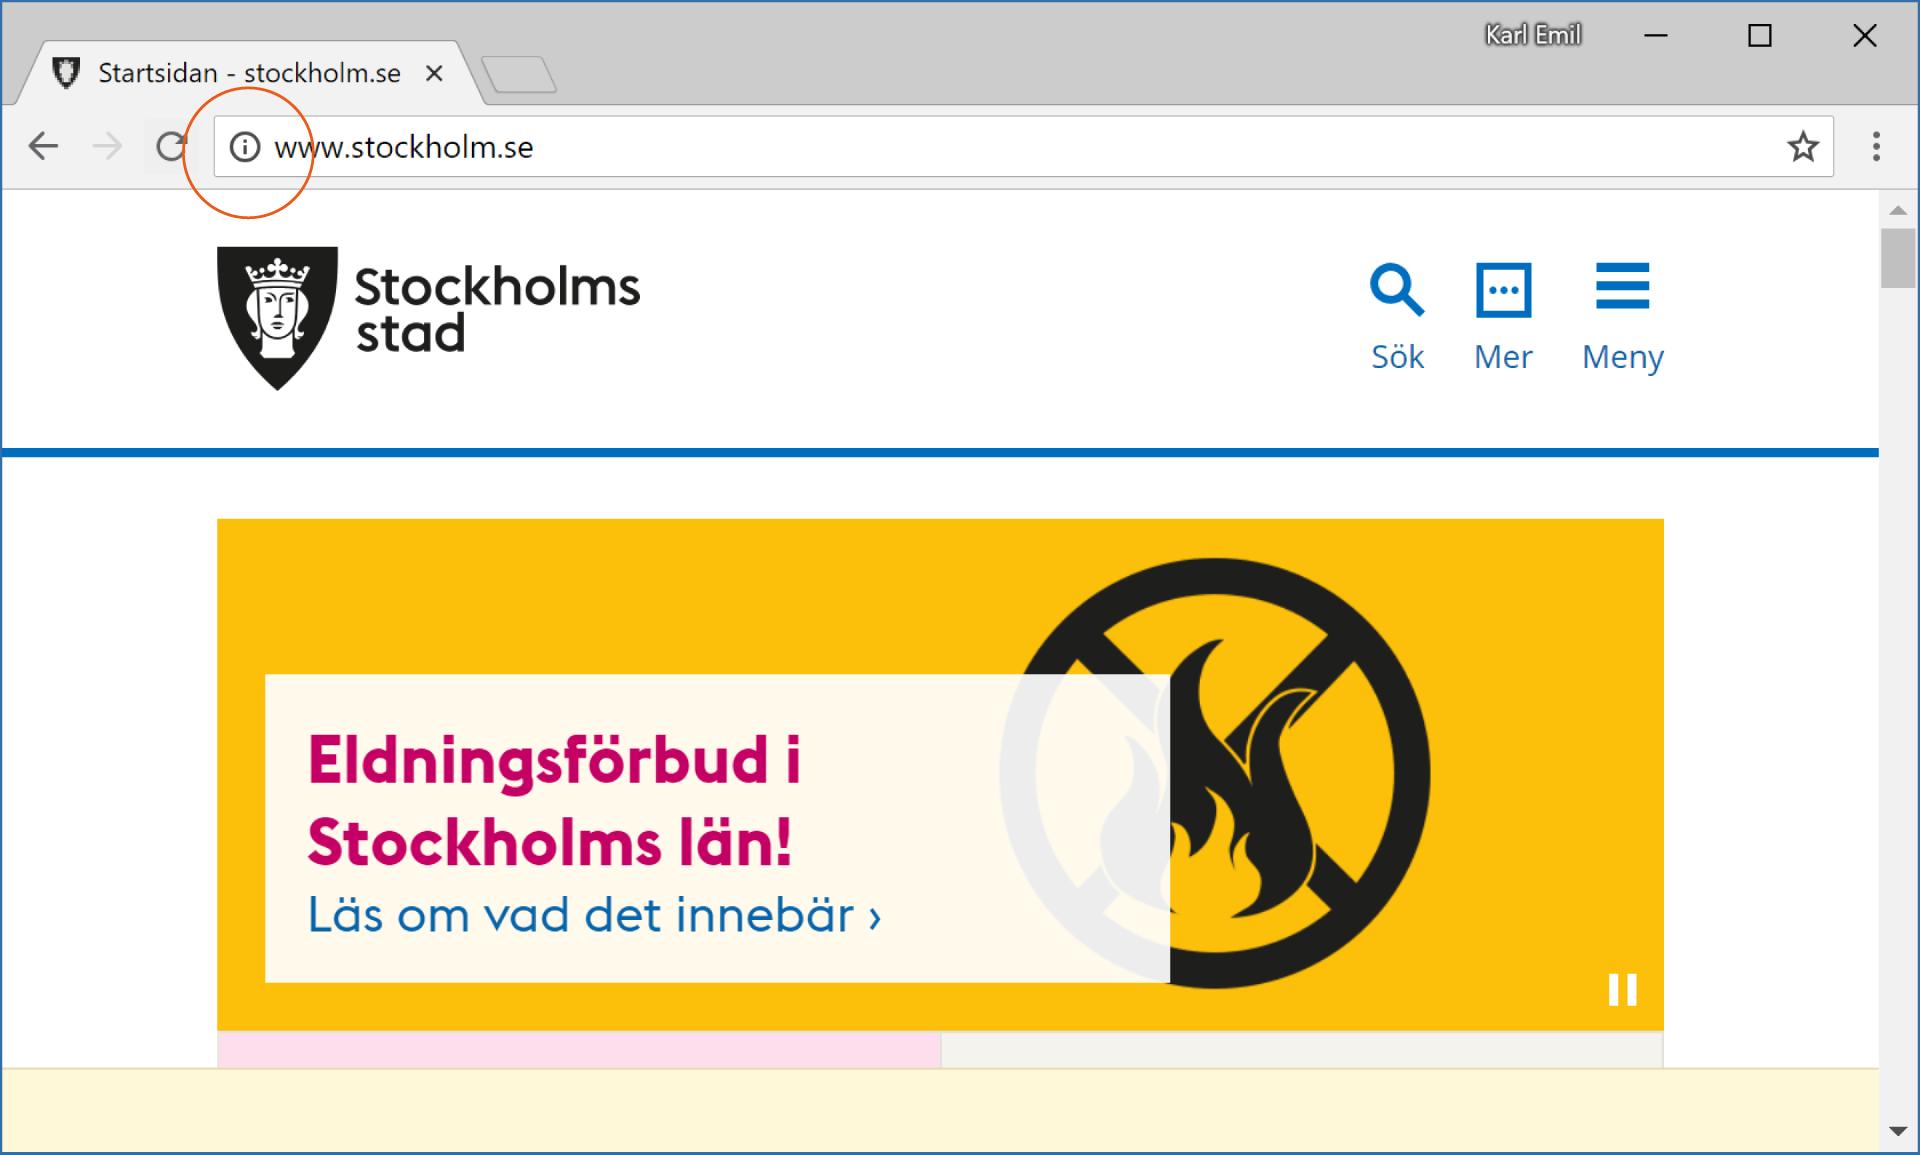 Stockholm stads webbplats fram till Google Chrome-uppdateringen